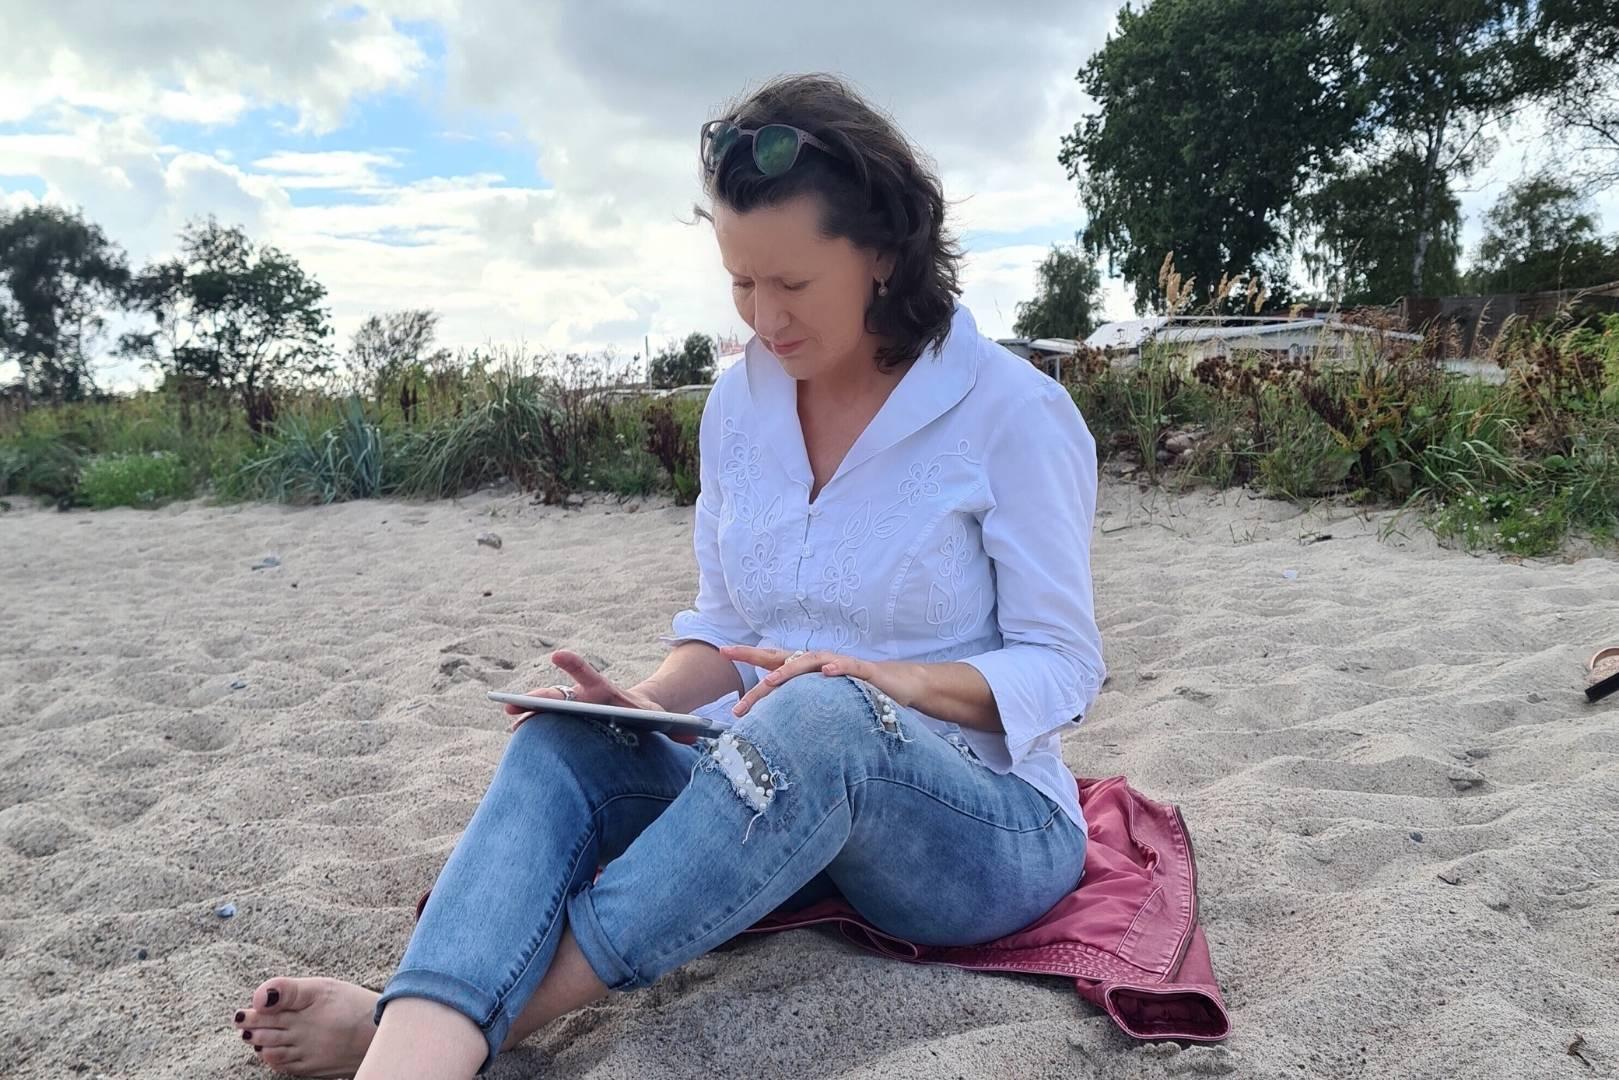 Dörte - Brainstorming und Schreiben am Strand